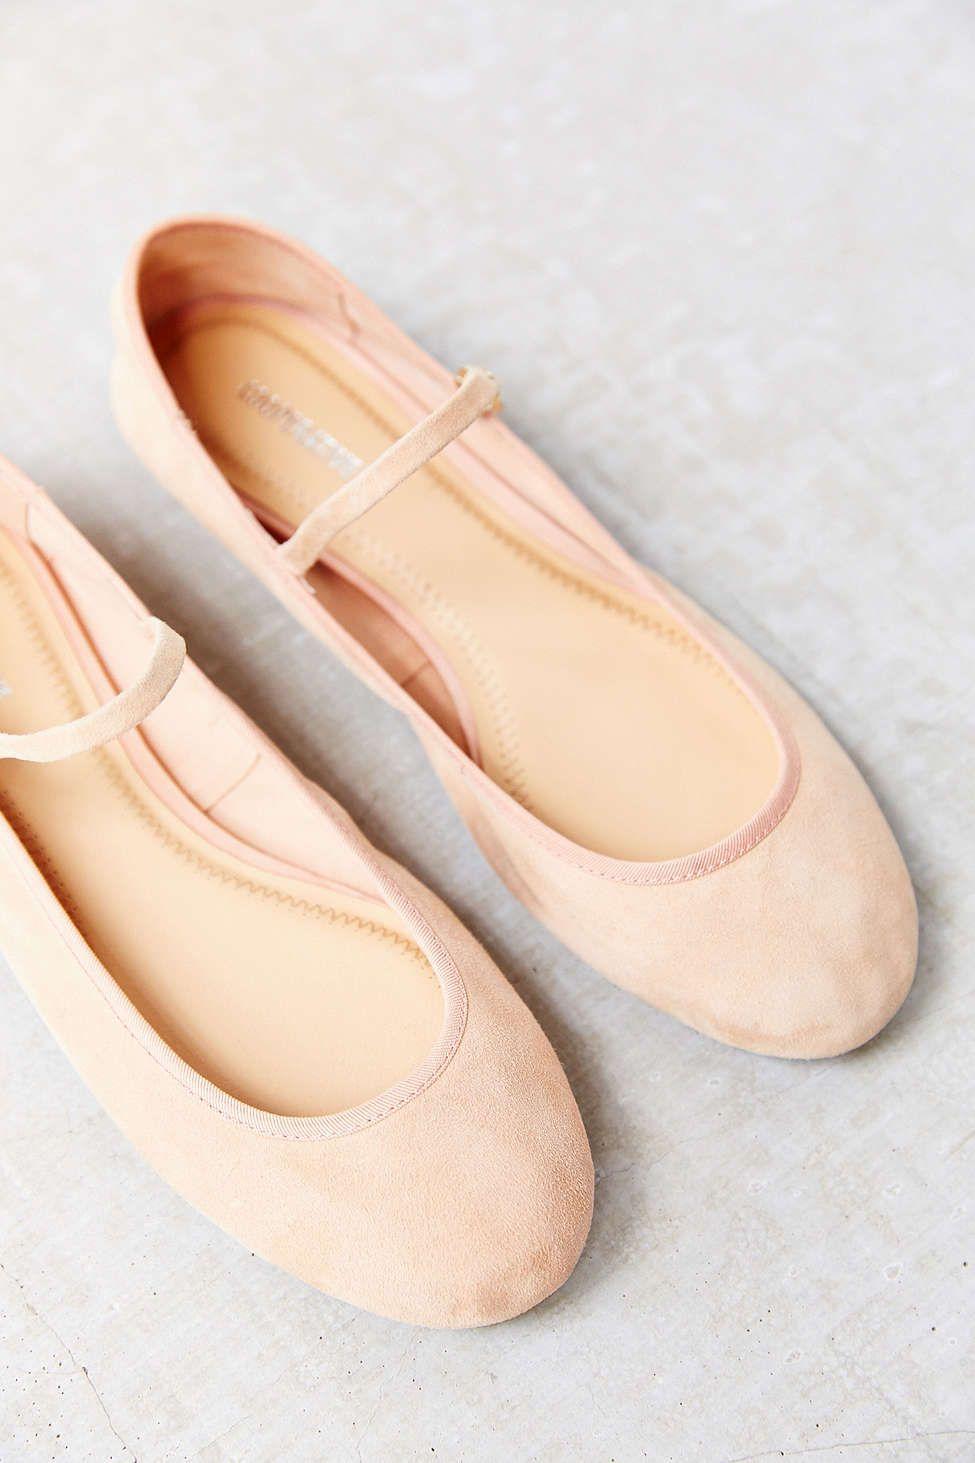 Ballett Flache Schuhe Nike Mary Jane Leder, Nike, Ballett